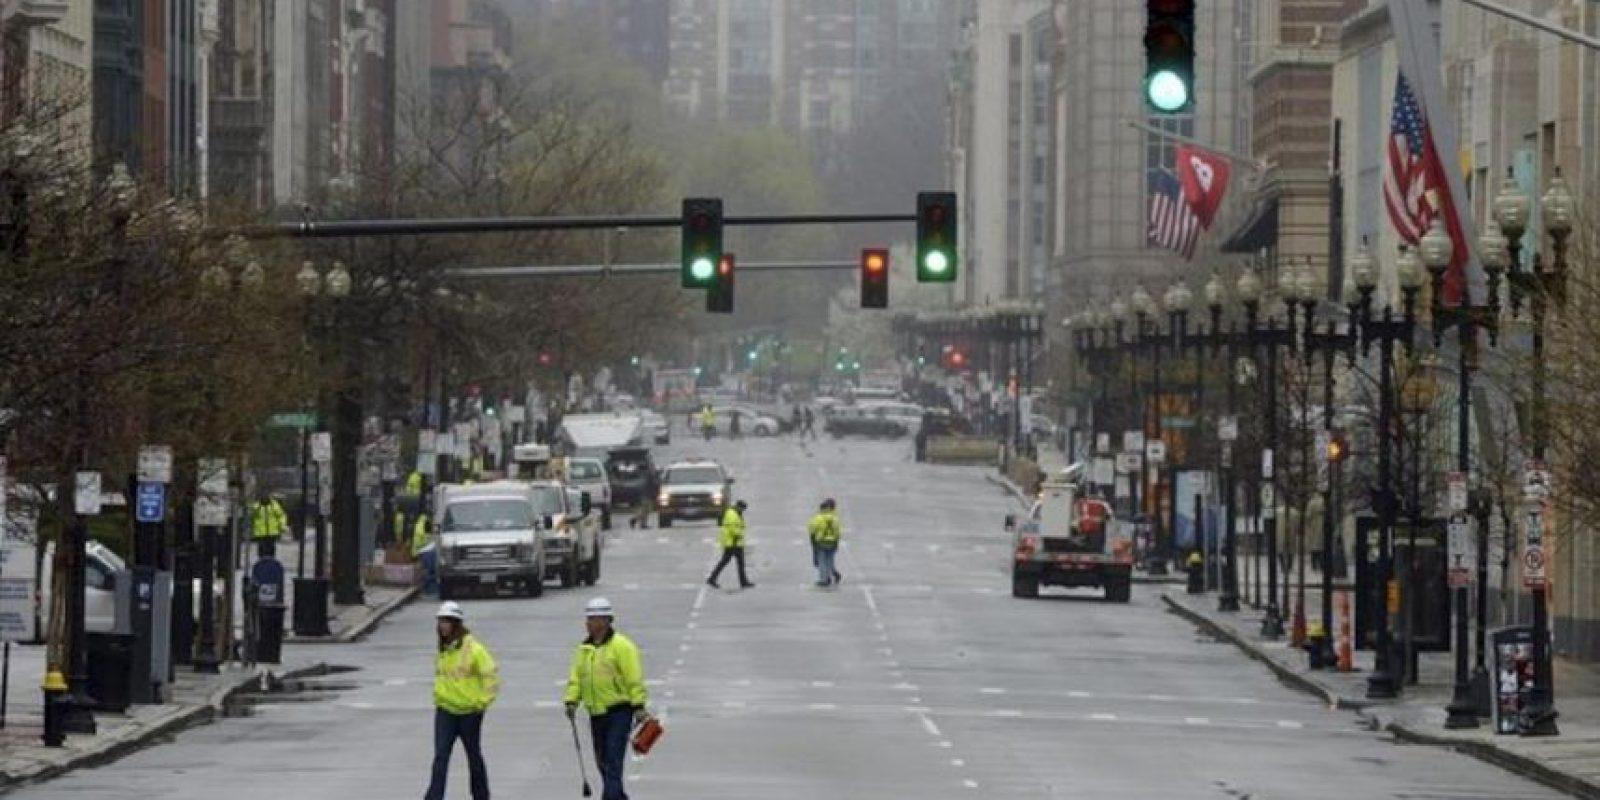 Fotografía que muestra la avenida Boylston, lugar donde se produjeron los atentados en Boston, Massachusetts, Estados Unidos. EFE